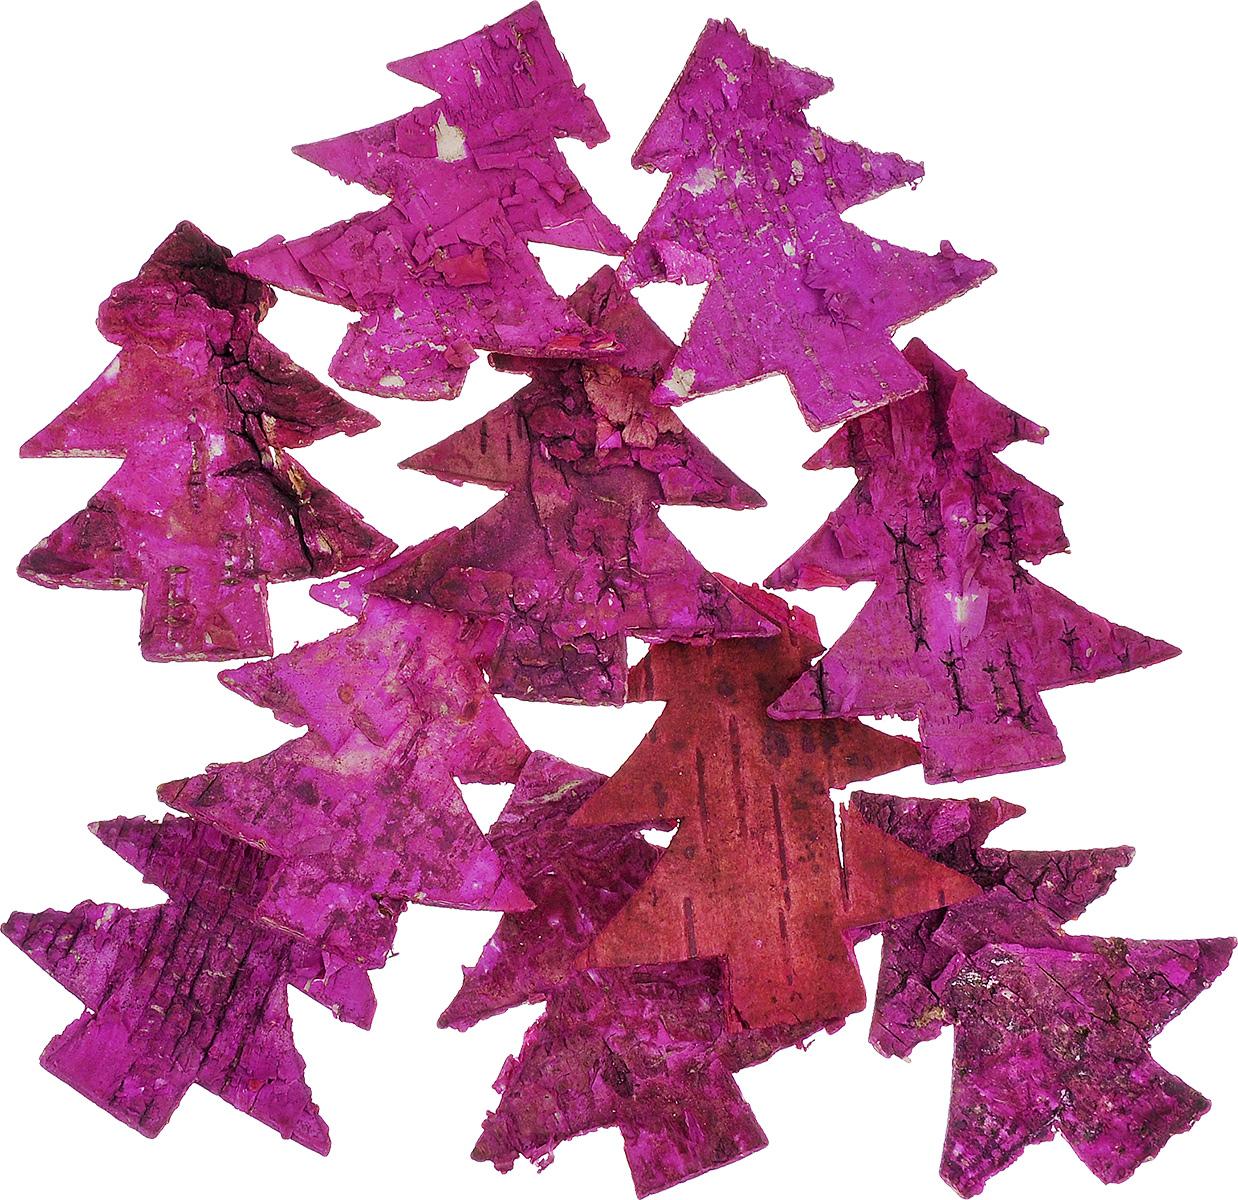 Декоративные элементы Dongjiang Art, цвет: фуксия, длина 7 см, 10 шт7709018_розовыйДекоративные элементы Dongjiang Art представляют собой срезы дерева и предназначены для украшения цветочных композиций. Такие элементы могут пригодиться во флористике и многом другом. Флористика - вид декоративно-прикладного искусства, который использует живые, засушенные или консервированные природные материалы для создания флористических работ. Это целый мир, в котором есть место и строгому математическому расчету, и вдохновению. Размер элемента: 7 см х 6 см х 0,2 см.